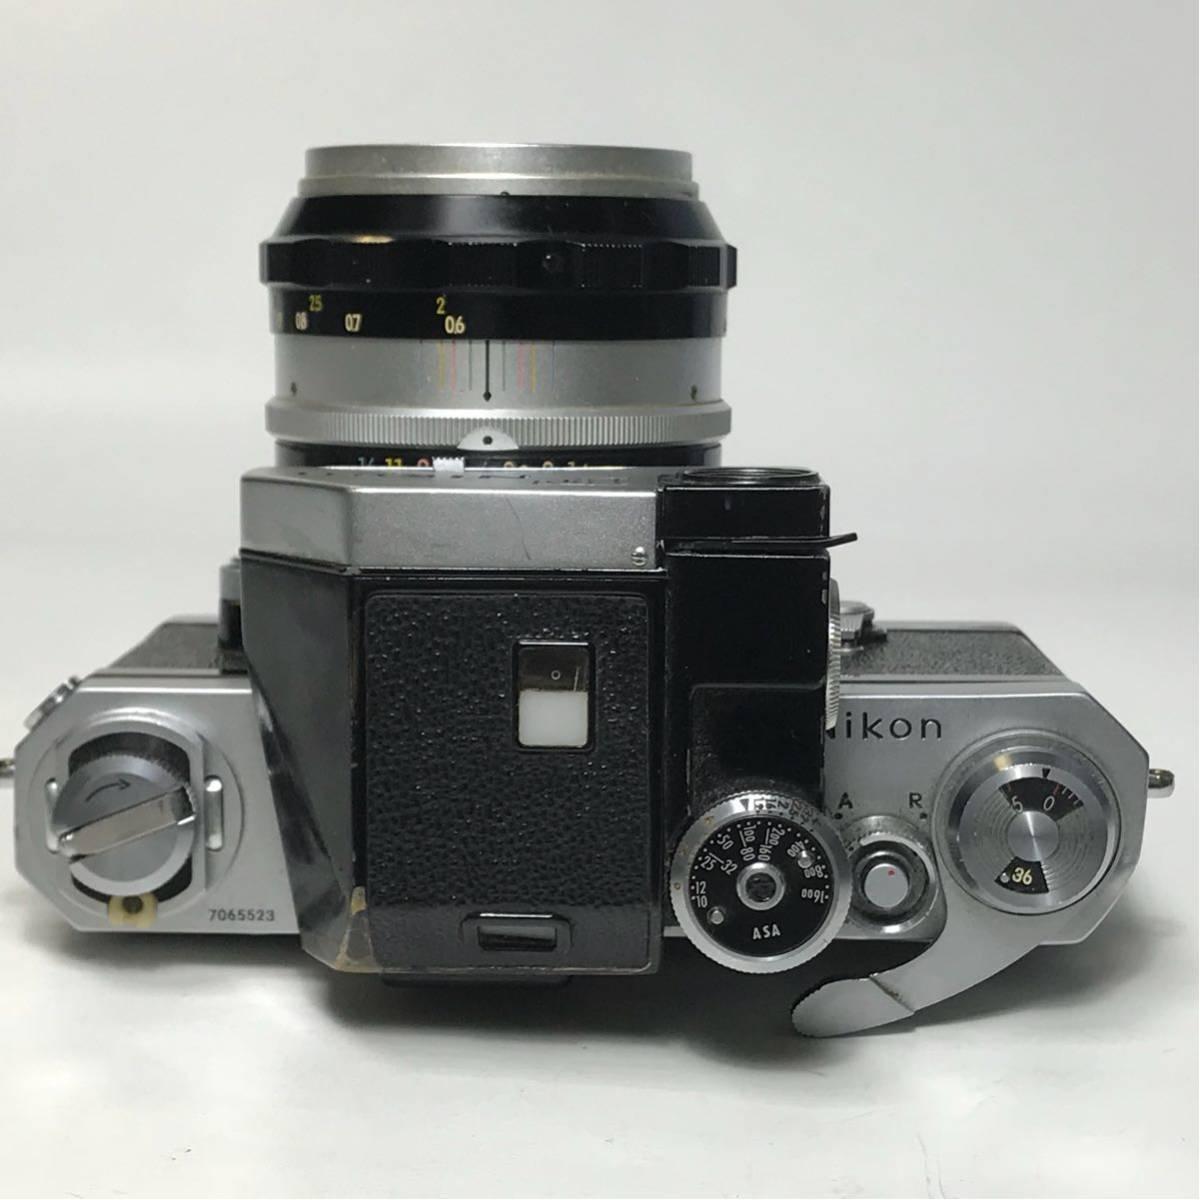 Nikon F Photomic FTN /ニコン F 外部測光式フォトミックファインダー SLR FILM CAMERA with/Nikkor 1.4 50㎜【c/n7065523】_画像7